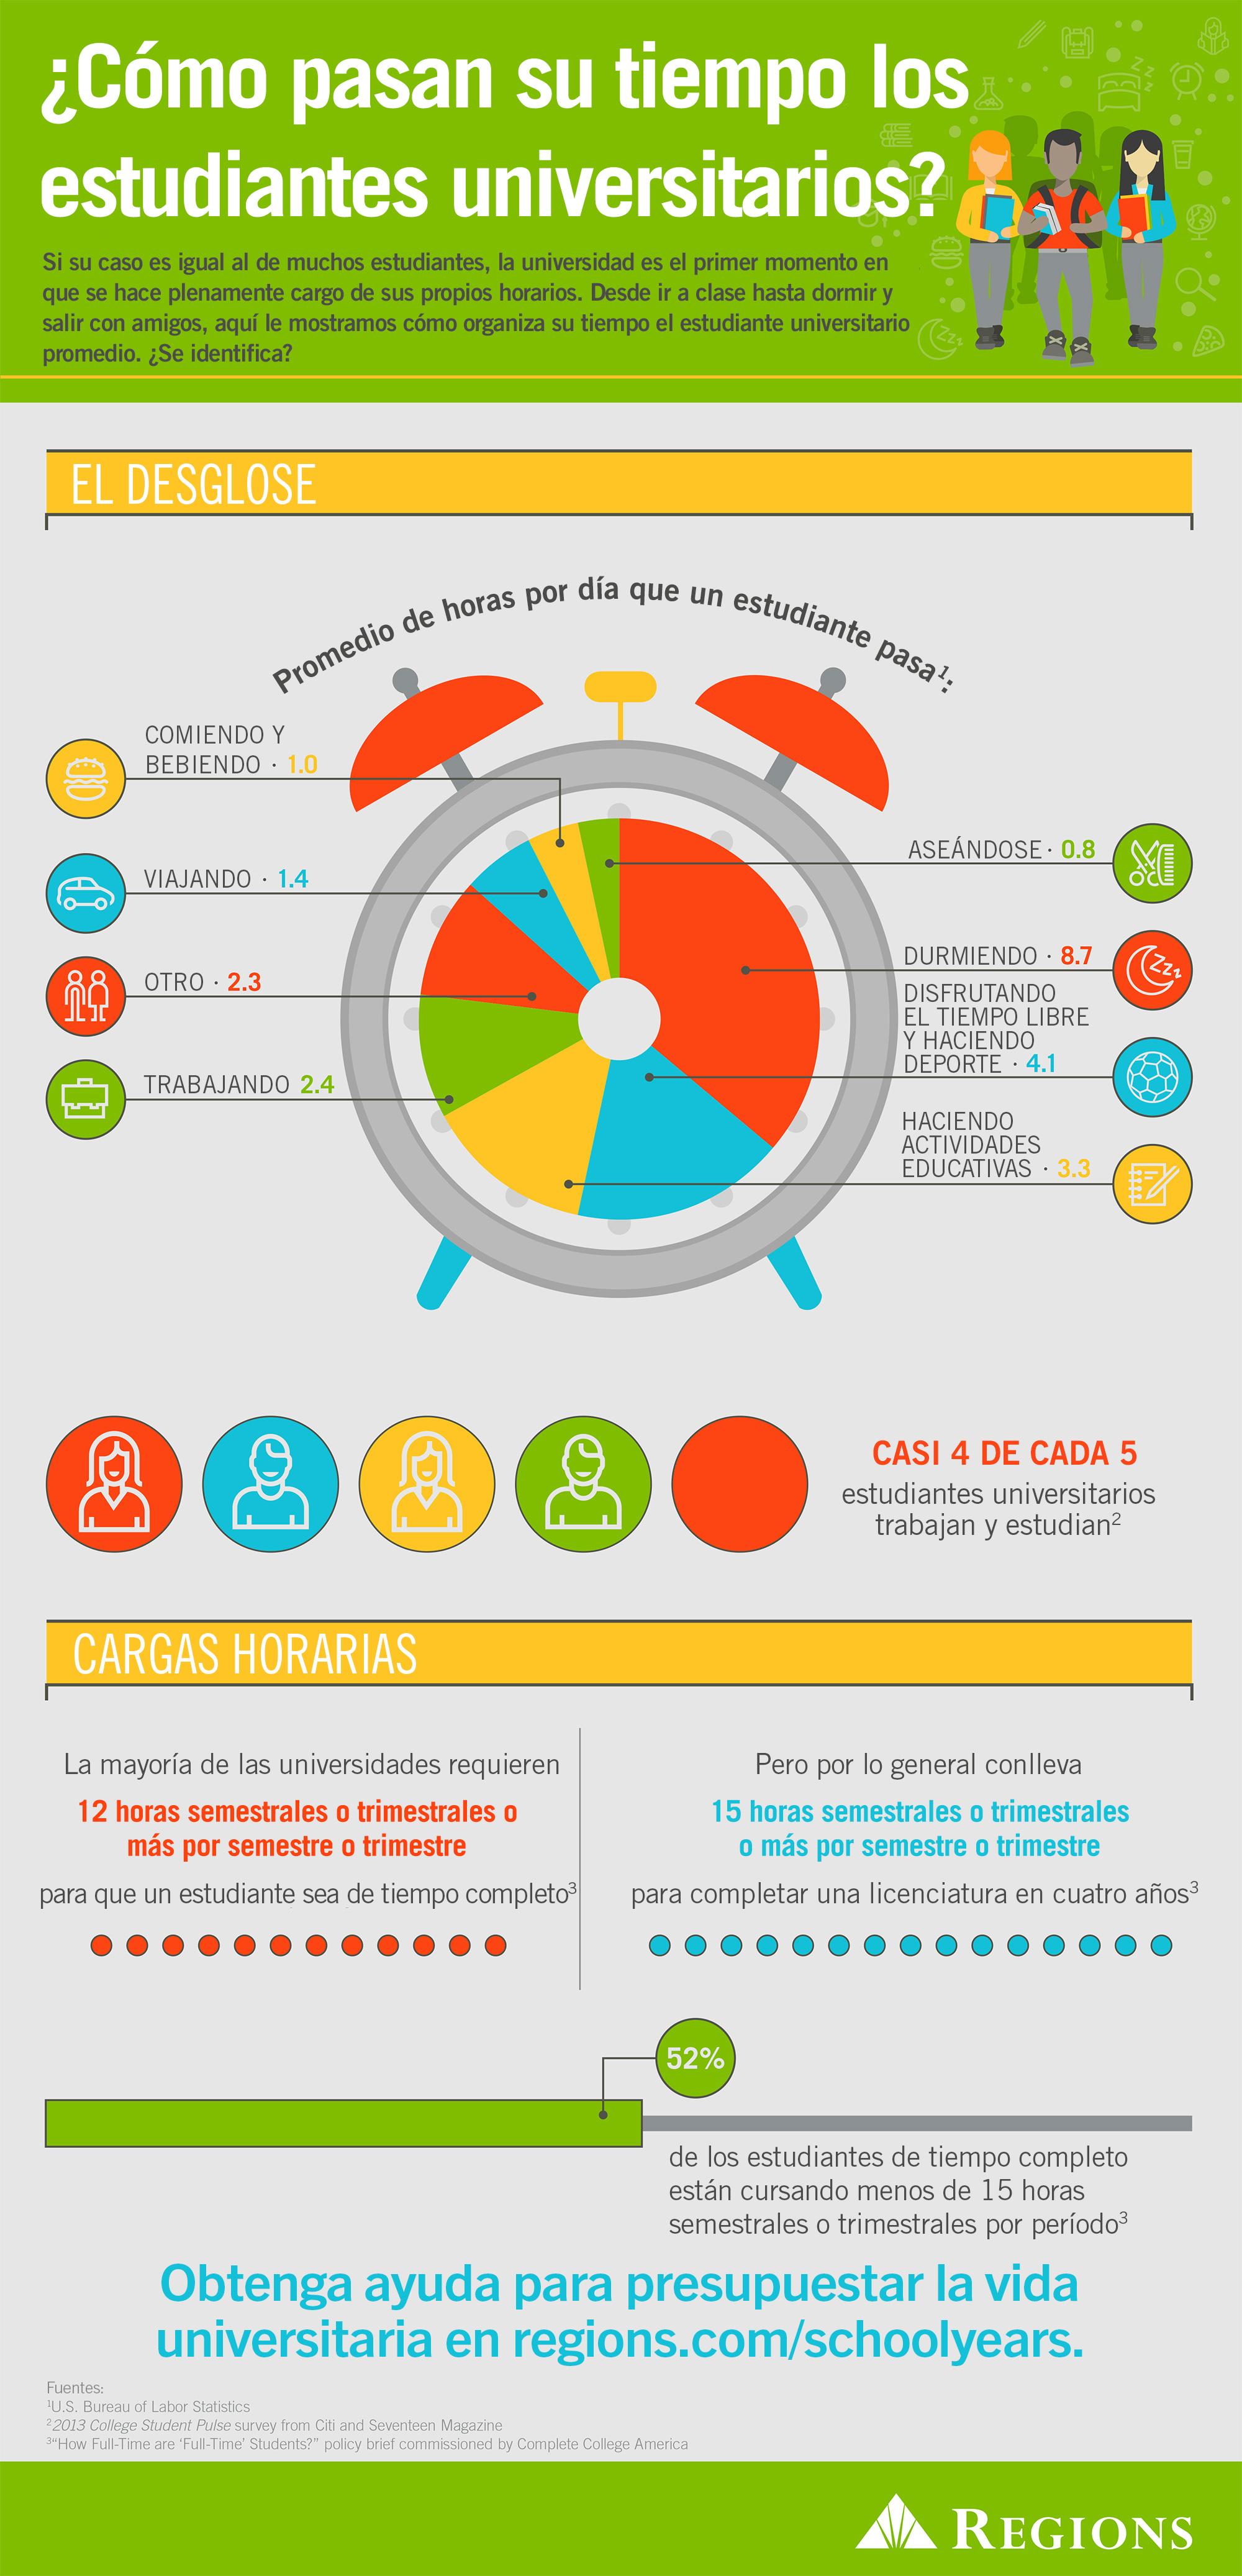 Gráfico informativo: ¿cómo pasan su tiempo los estudiantes universitarios?